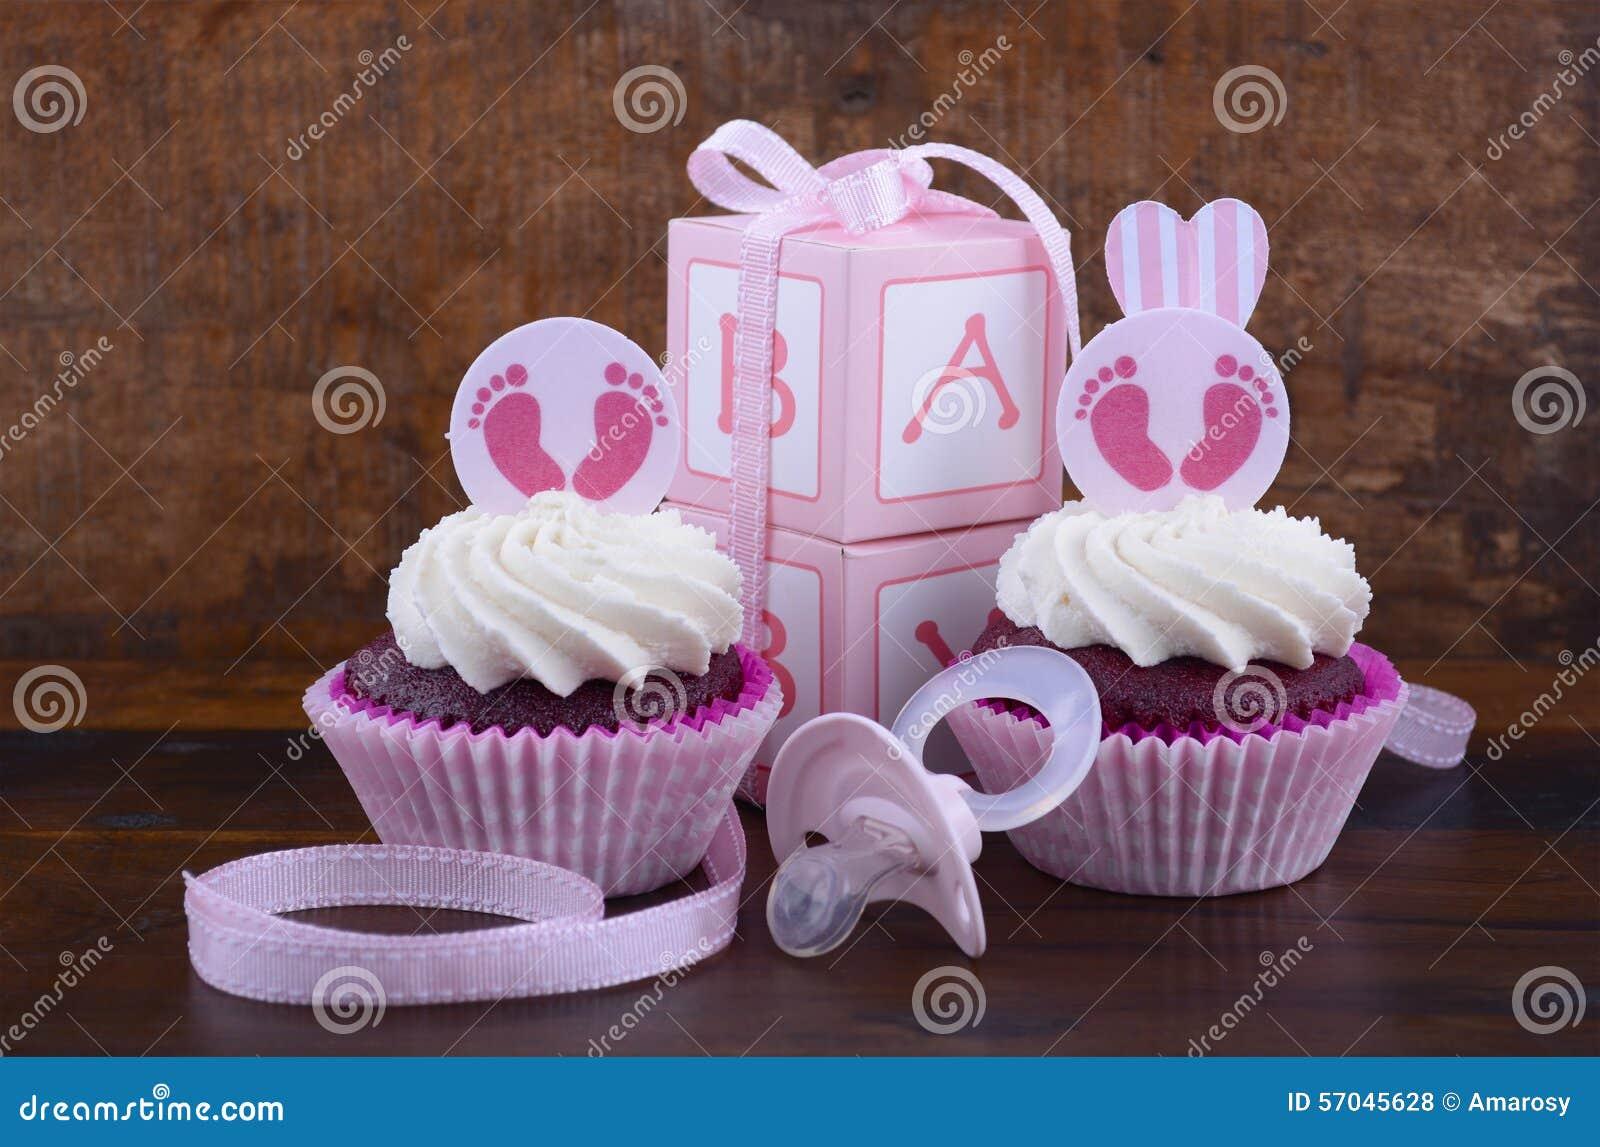 Винтажное пирожное и подарочная коробка детского душа стиля